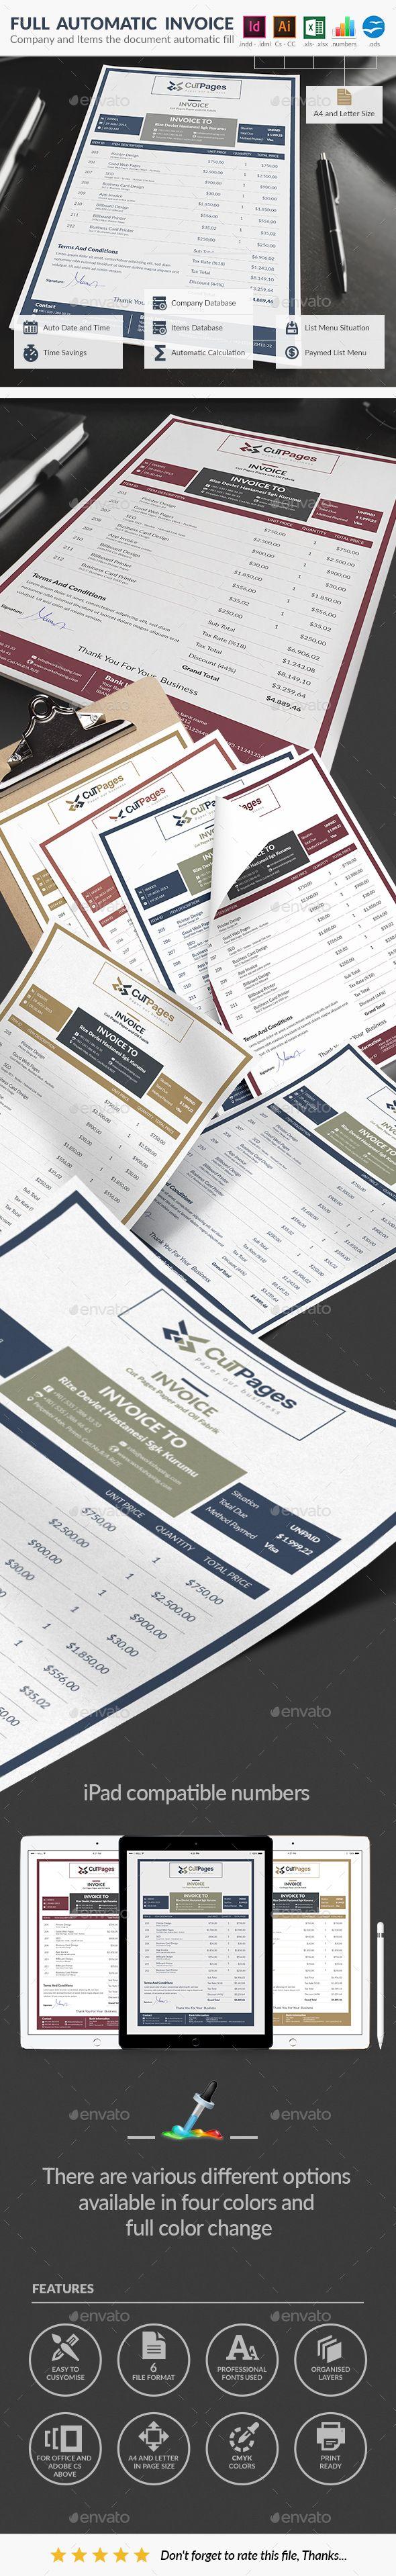 #invoice, #design, invoice template, free invoice template,online invoice,sample invoice,invoice sample,create invoice,invoice format,invoice online,invoice form,invoice maker,invoice example,invoice template free,blank invoice,invoice creator,invoice template pdf,free invoice,invoice template doc,commercial invoice,template for invoice,create invoice online,easy invoice,template invoice,simple invoice,free online invoice,sample of invoice,printable invoice,invoice design,sales invoice,